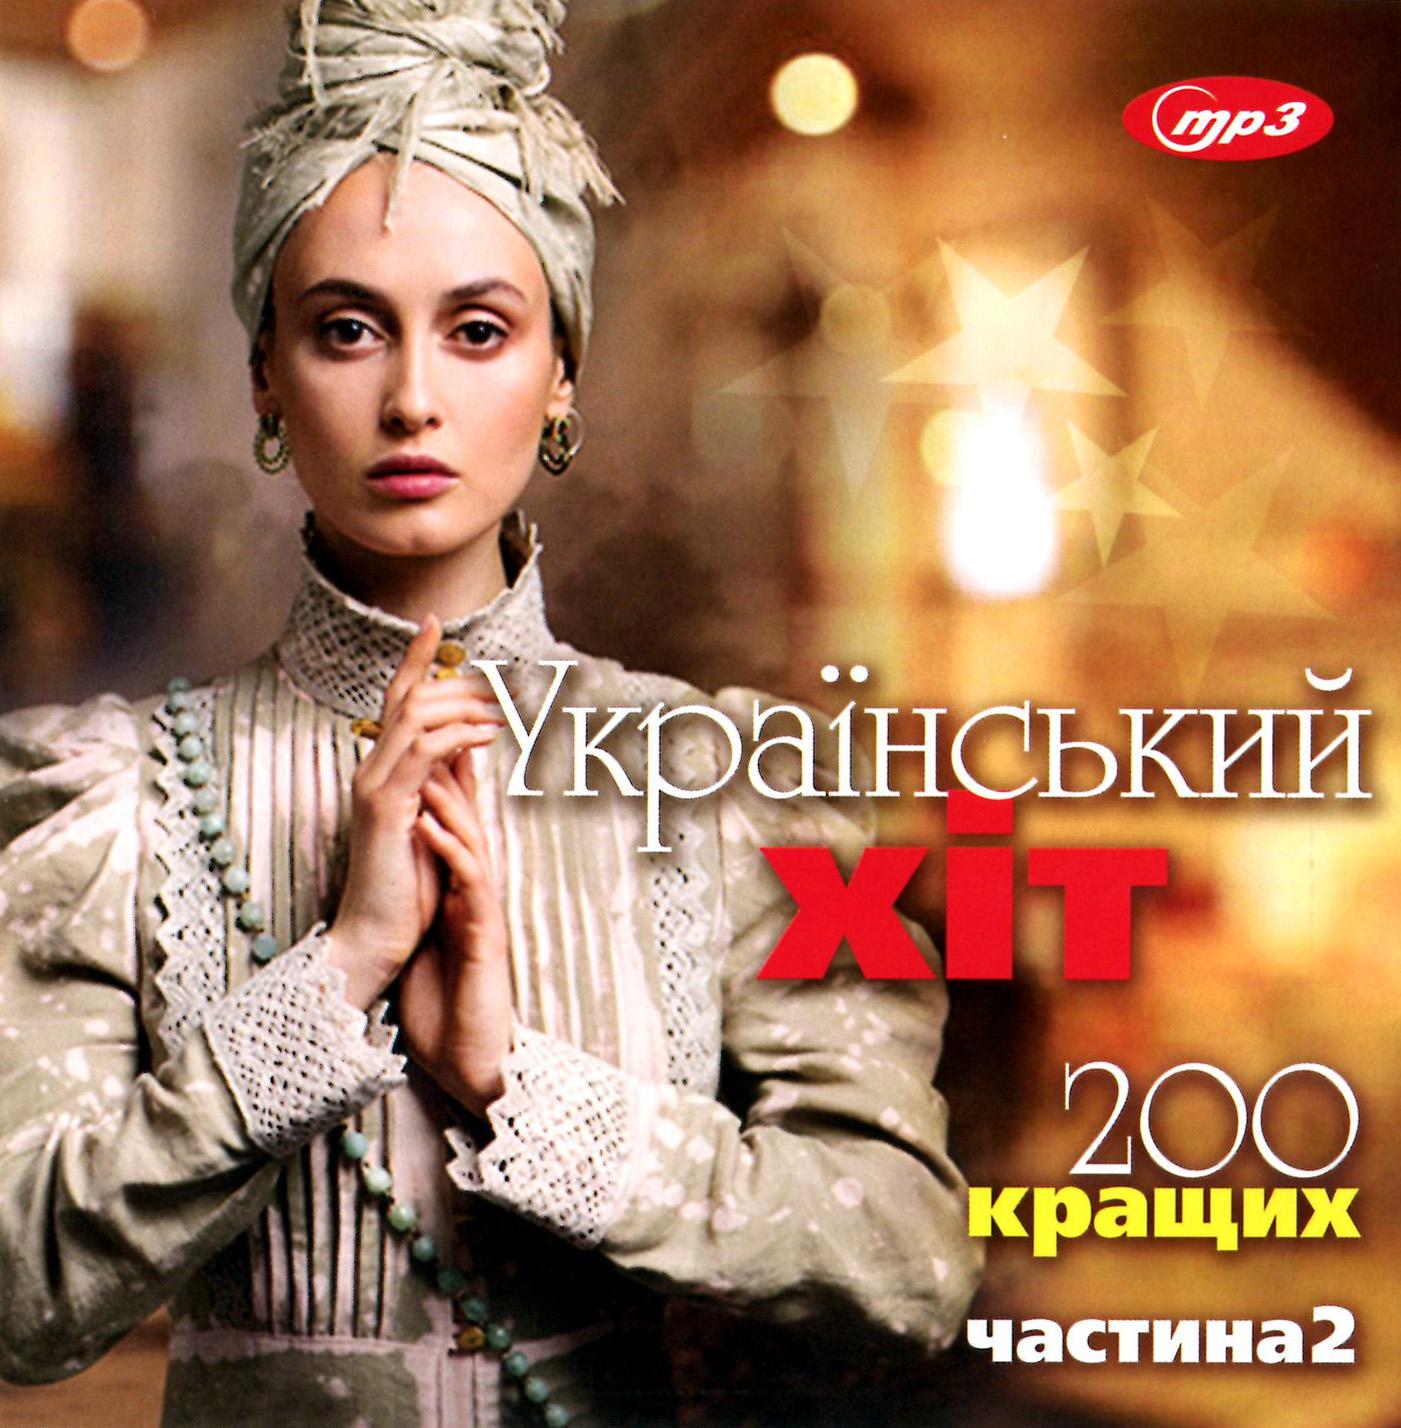 Український Хіт - 200 кращих [mp3]